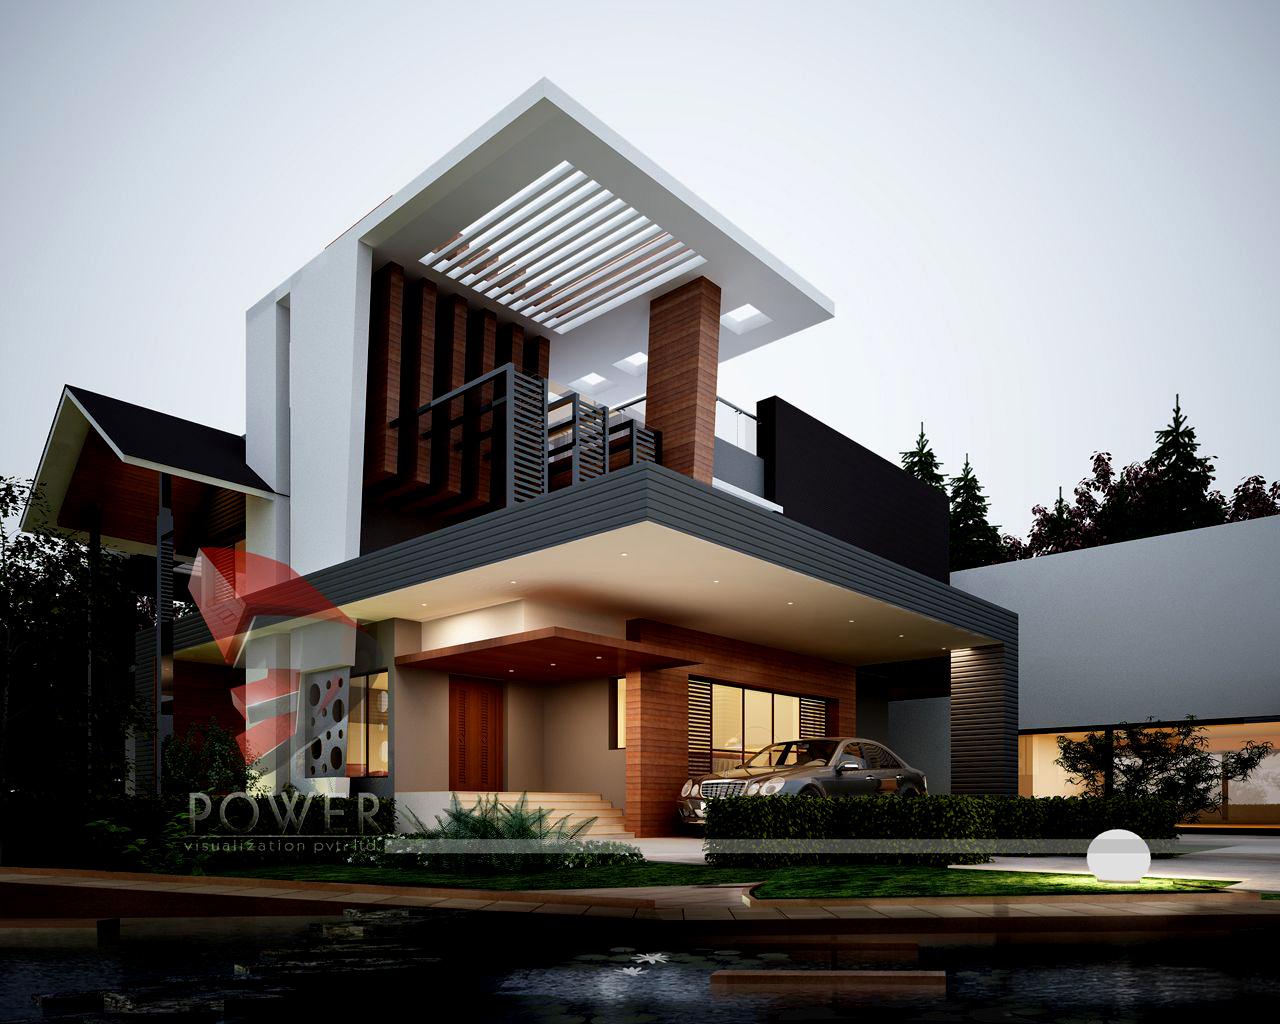 Marvelous single home design